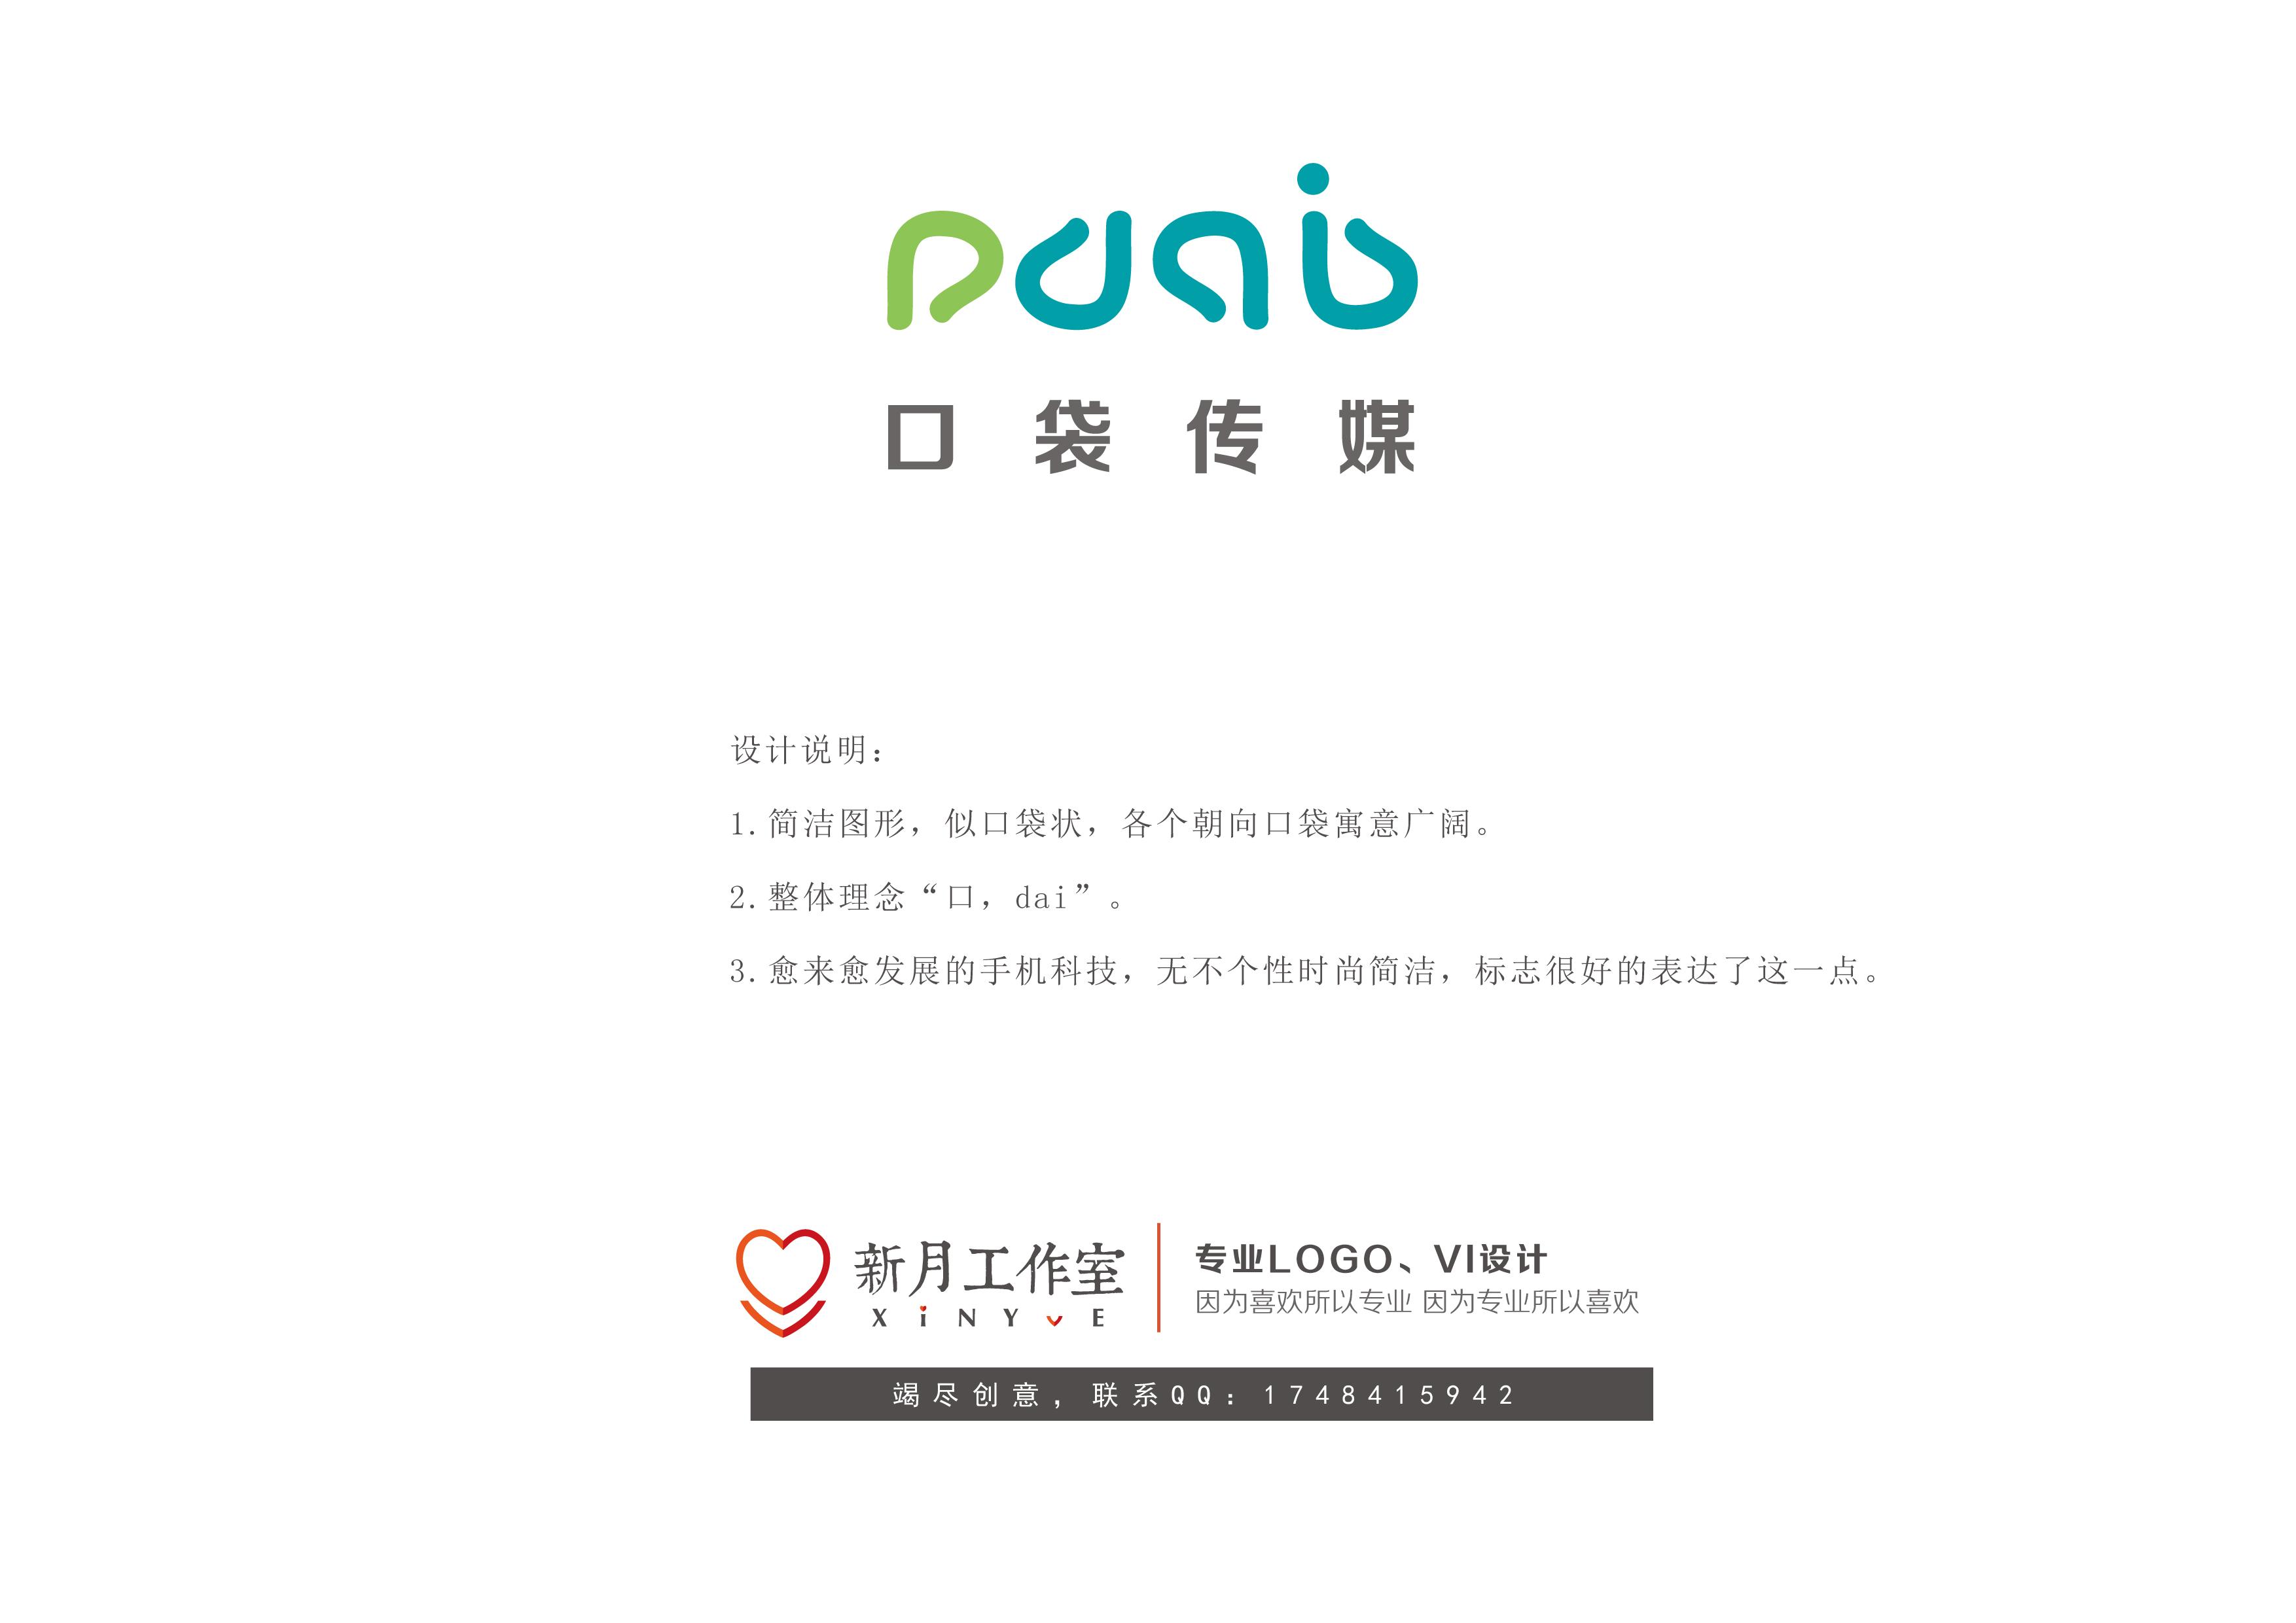 青岛口袋网络传媒有限公司logo设计